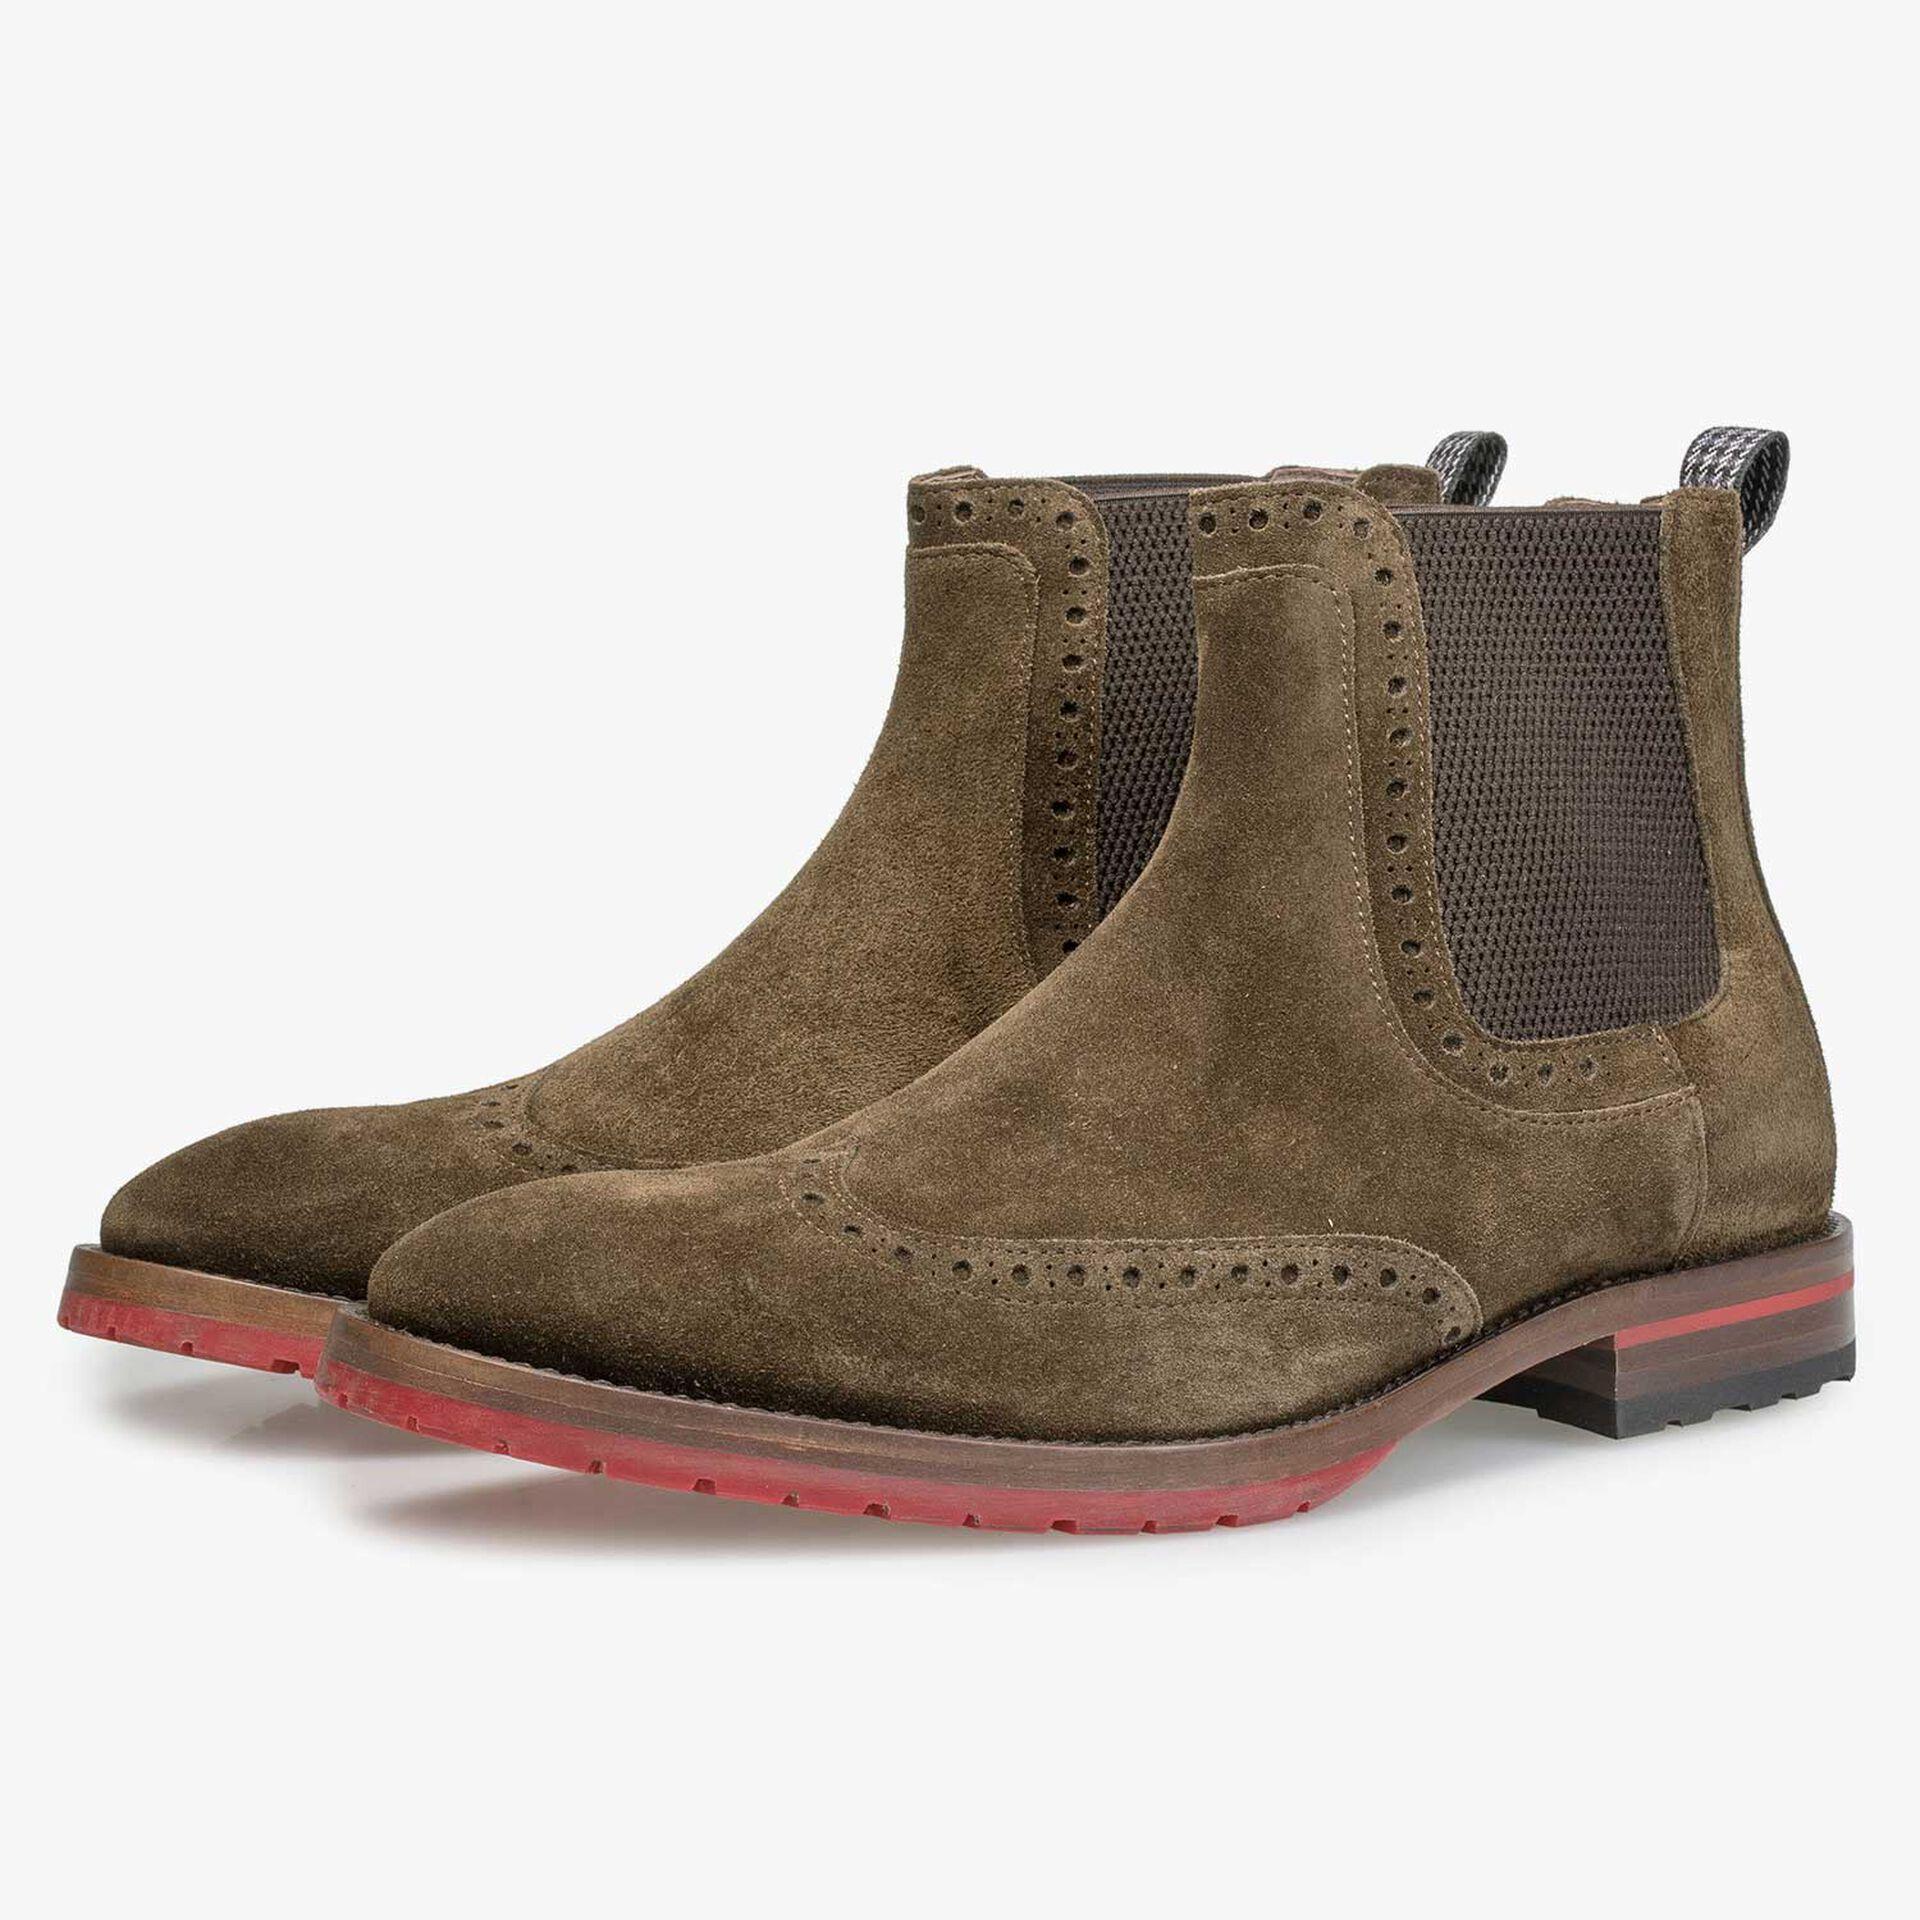 Bruin/olijfgroene kalfssuède chelsea boot